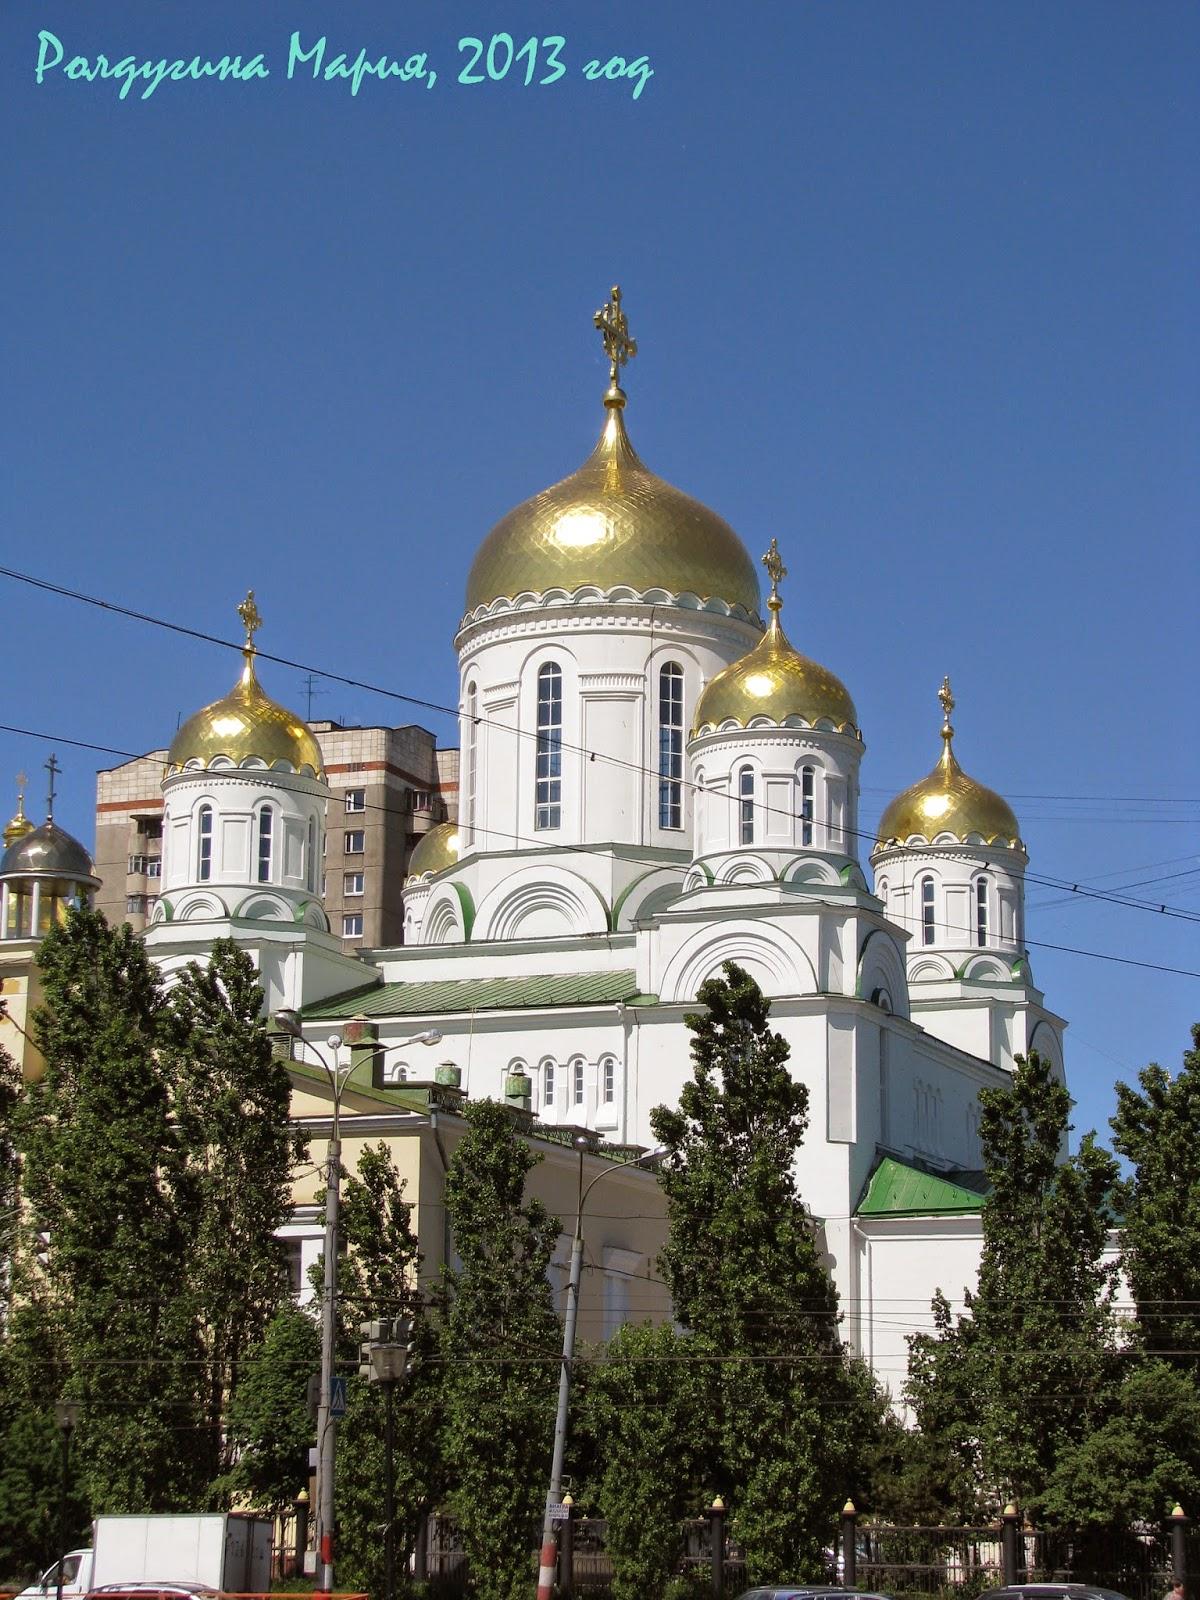 Нижний Новгород Церковь Николая Чудотворца